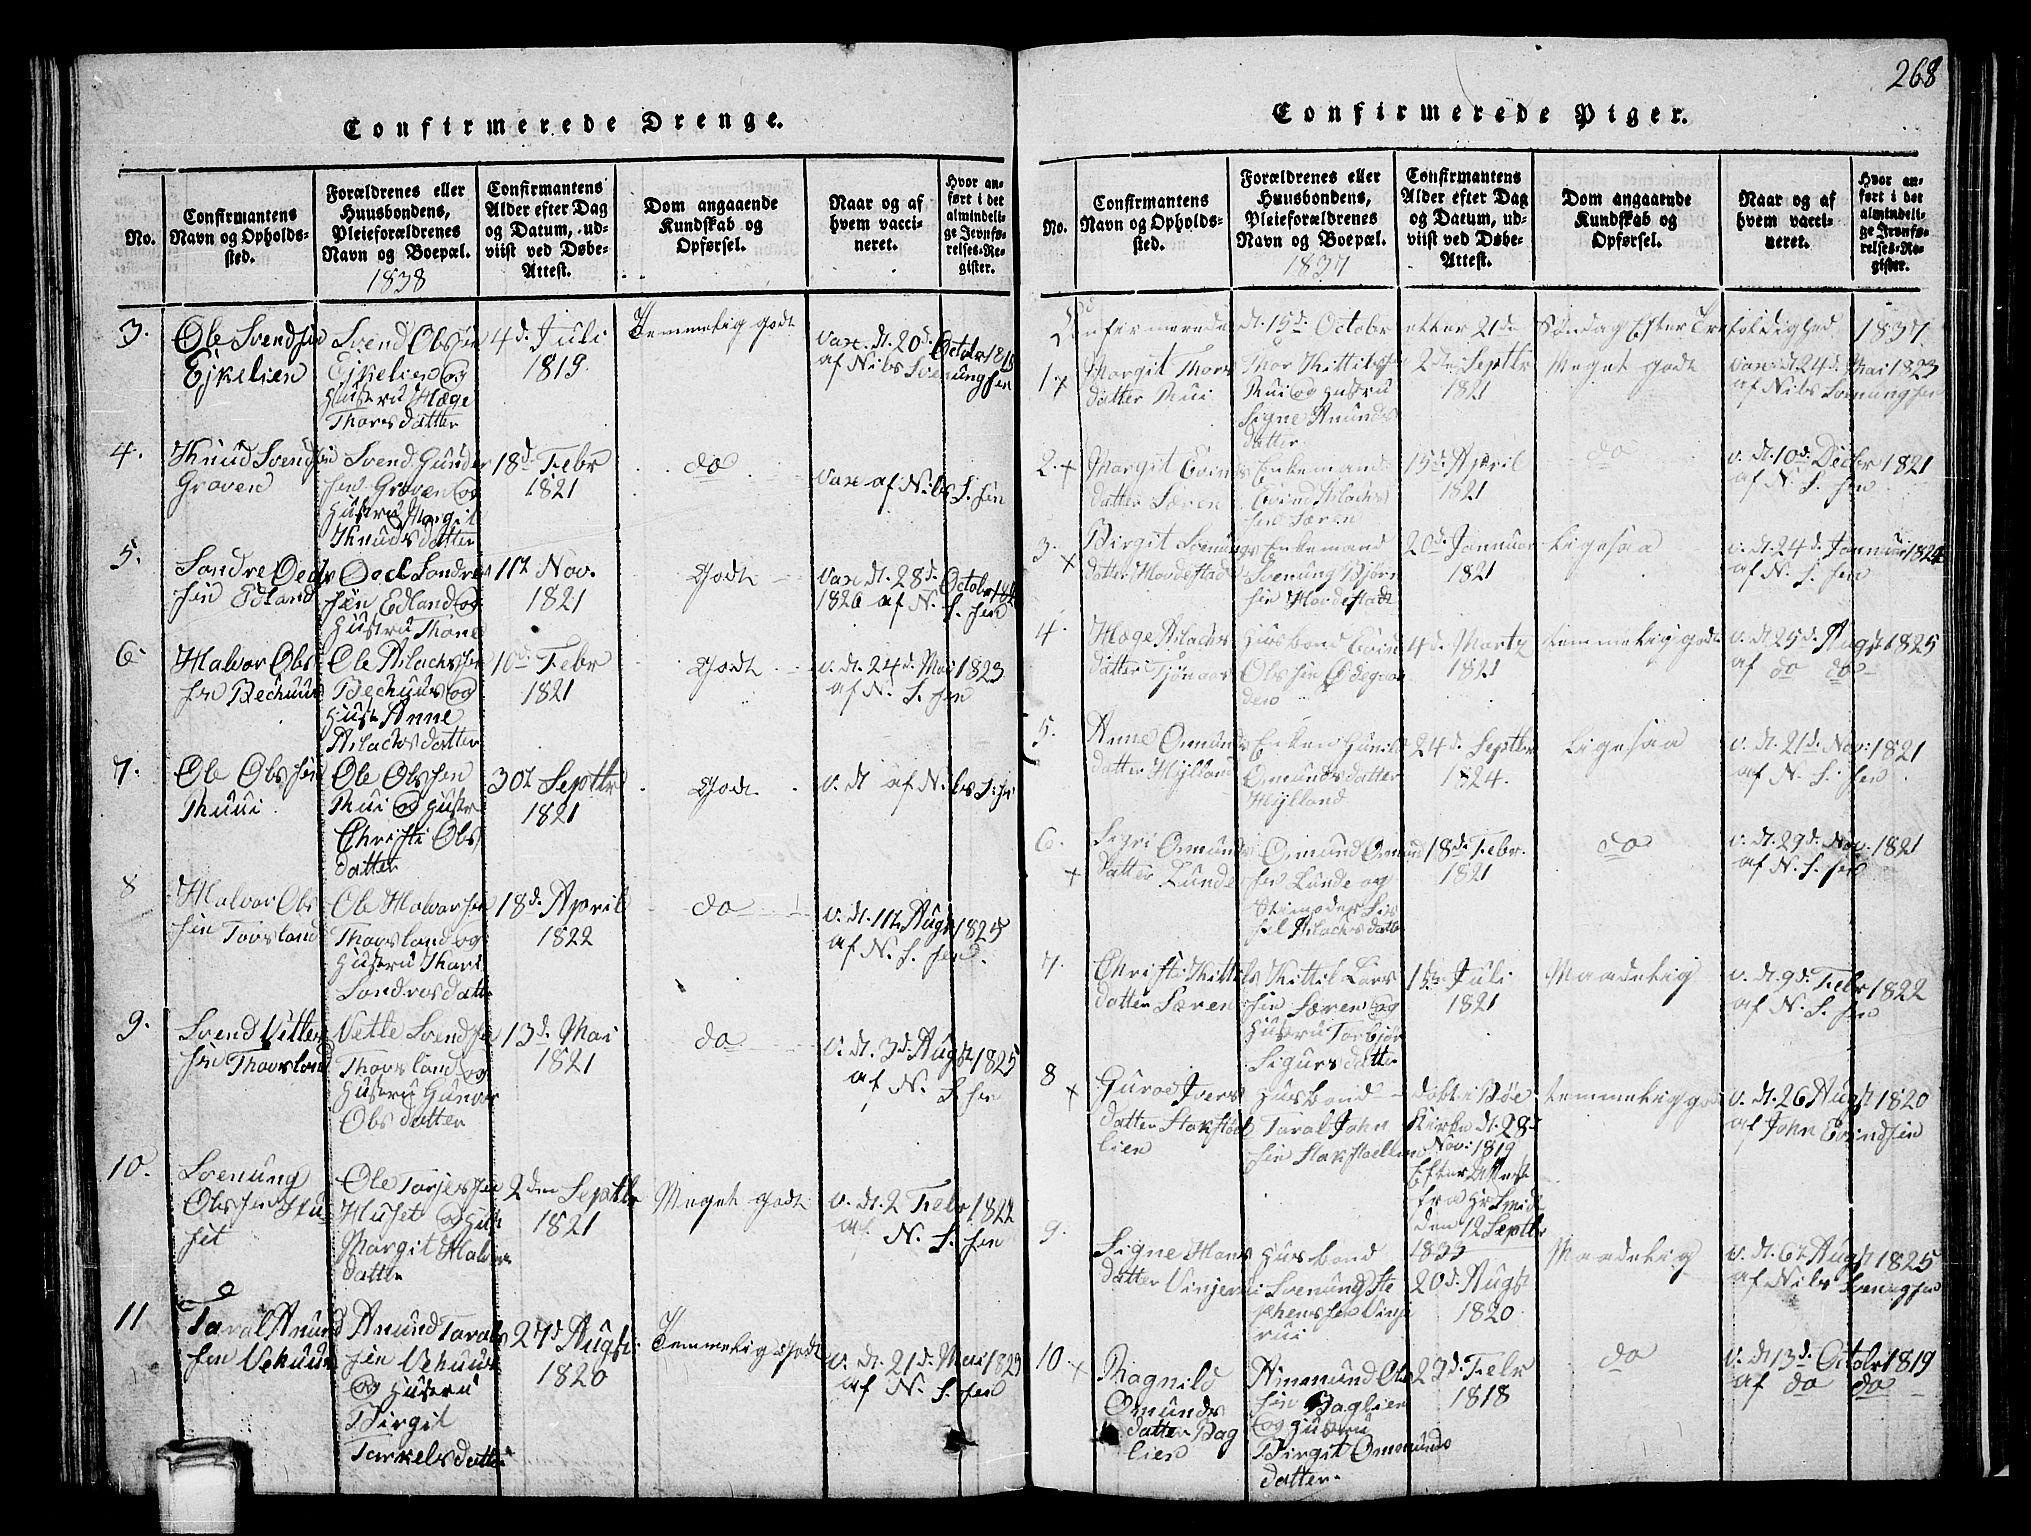 SAKO, Vinje kirkebøker, G/Ga/L0001: Klokkerbok nr. I 1, 1814-1843, s. 268